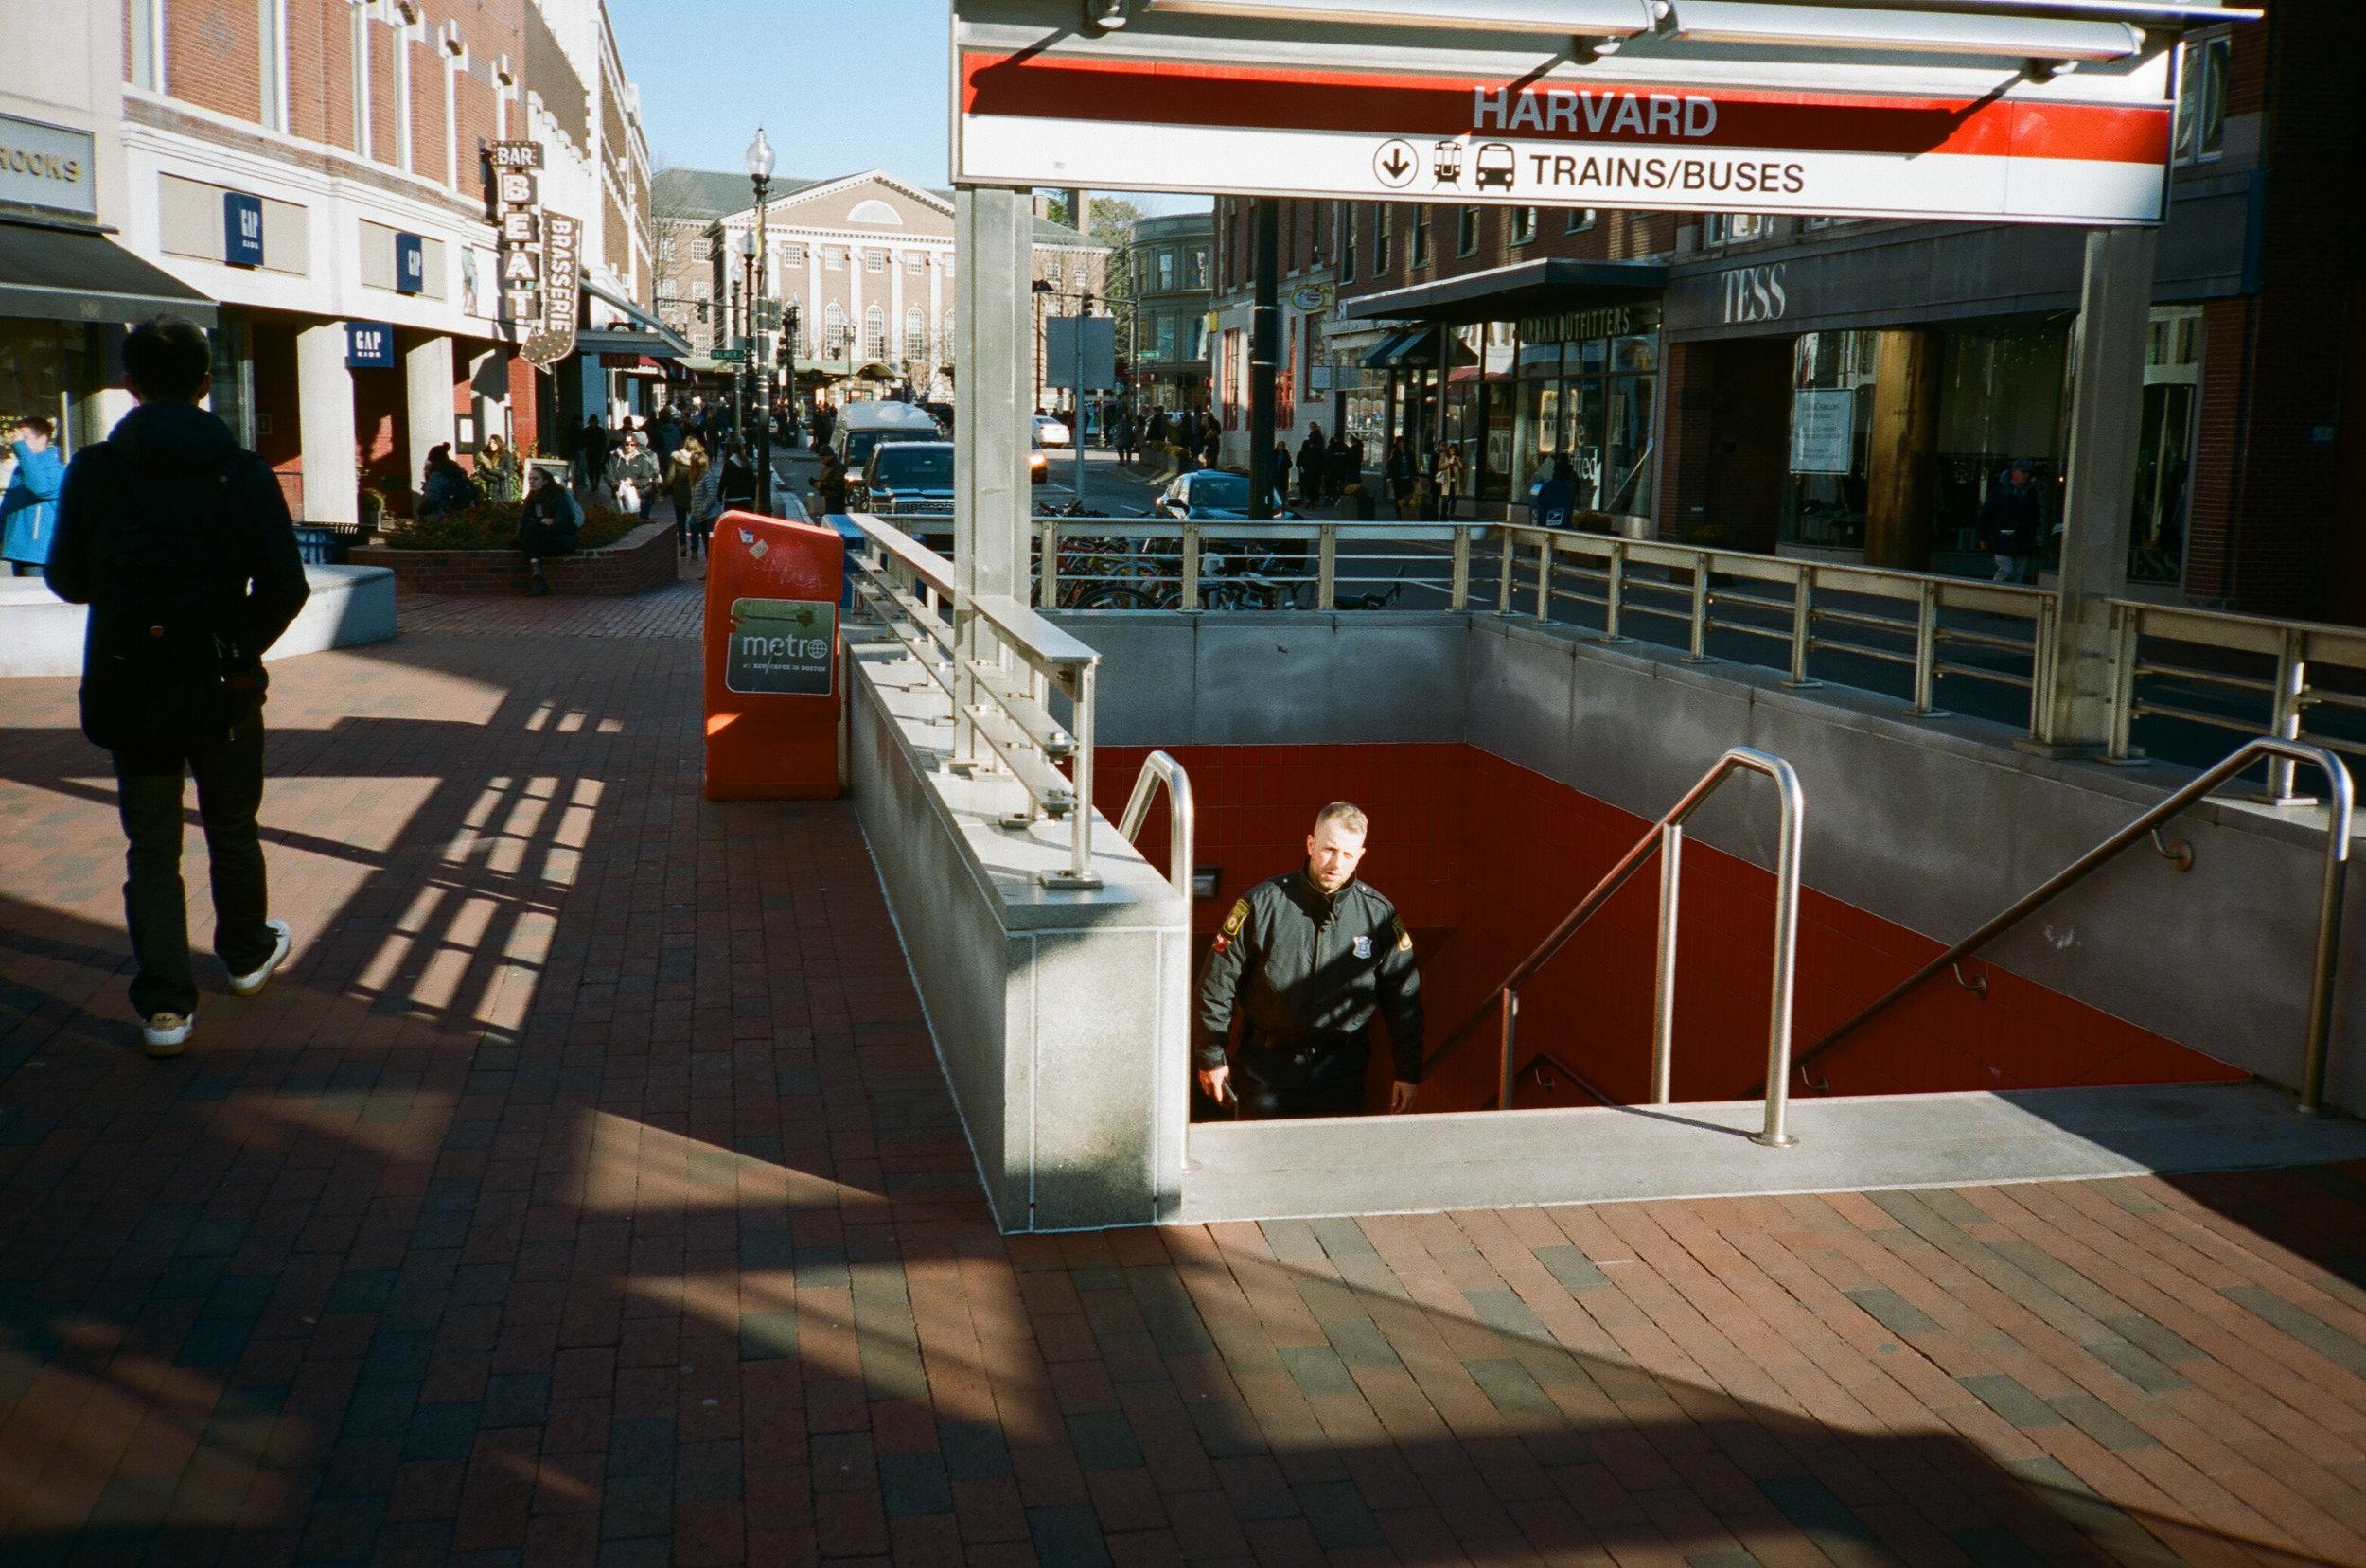 35mm Film - 00373 - Chris Goetchius 2017.jpg